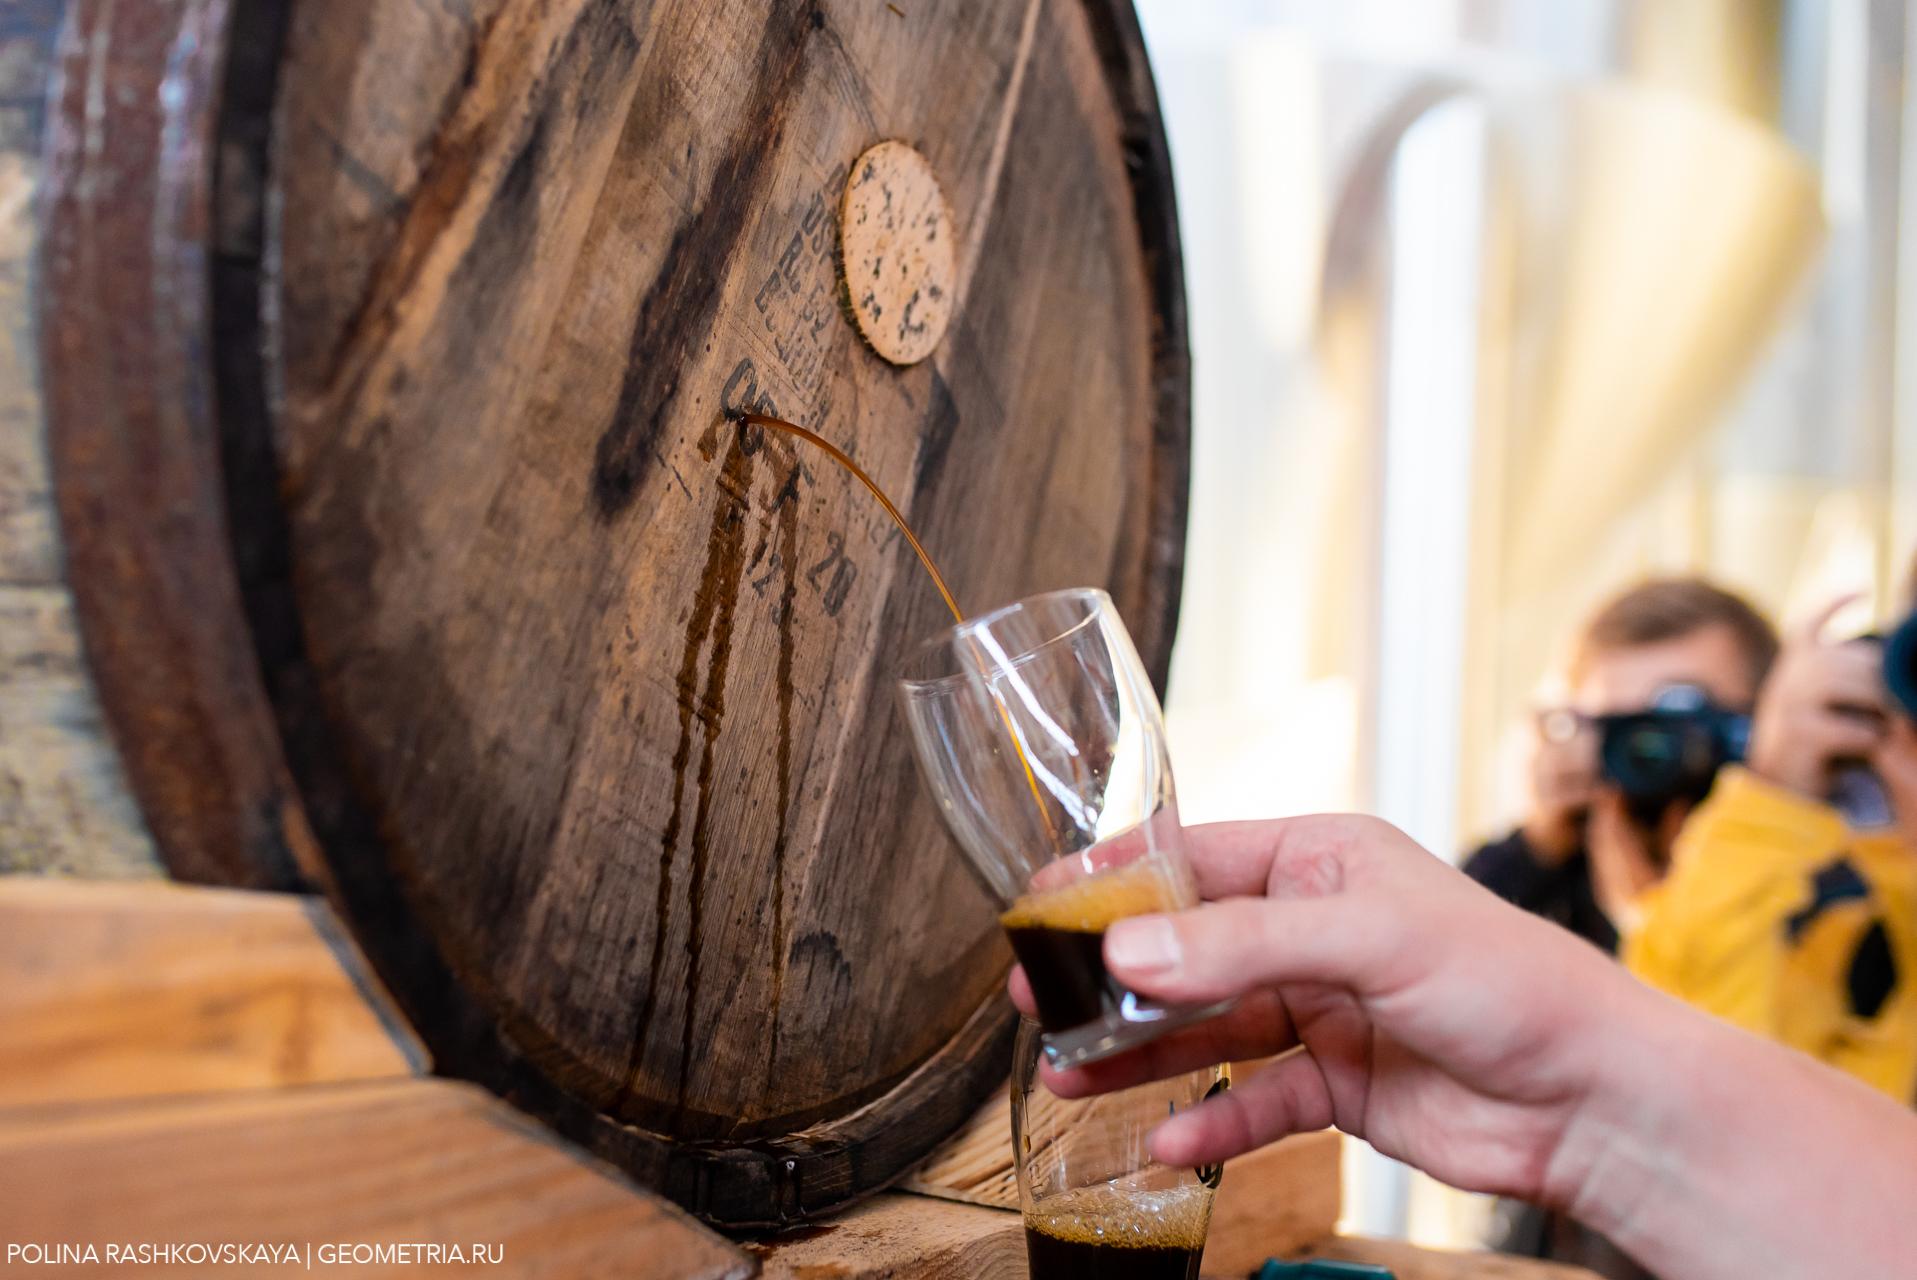 пиво выдержанное в бочке наливают в бокал стаут тёмный пивной напиток